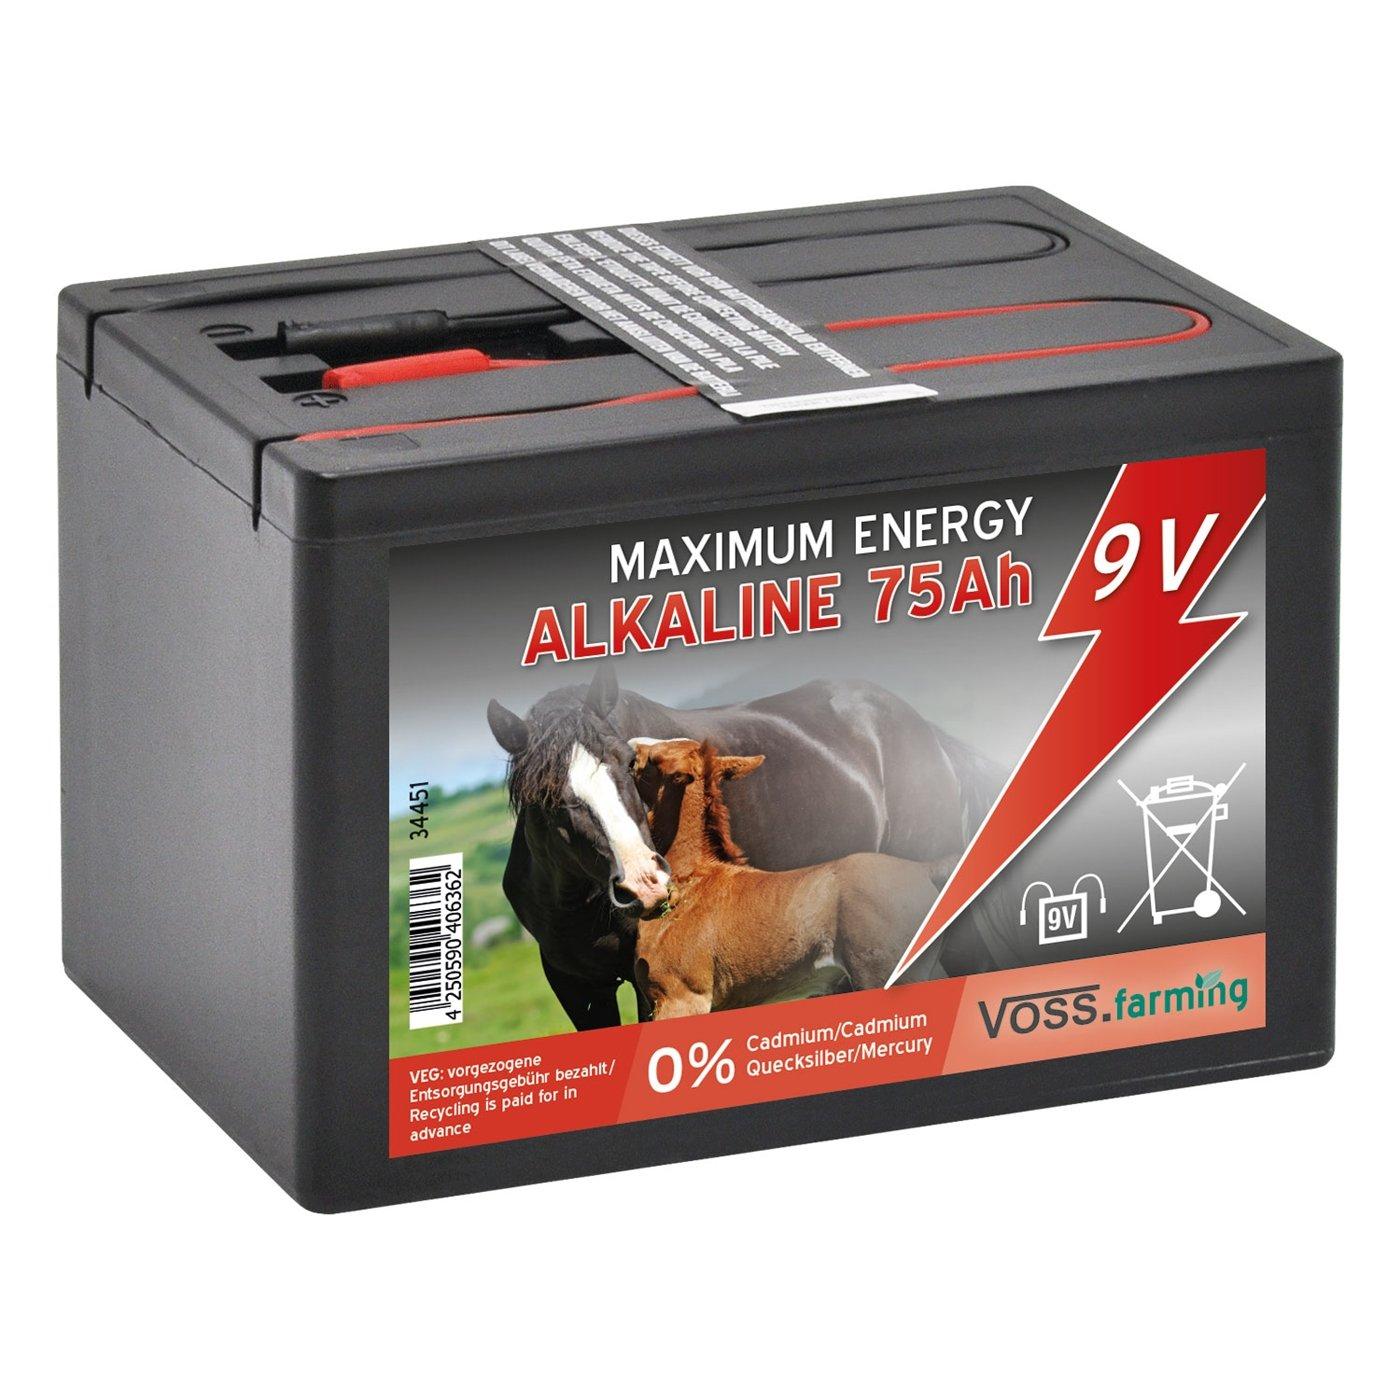 Batterie sè che VOSS.farming Alcaline 75 Ah 9V pour clô ture é lectrique - petit modè le